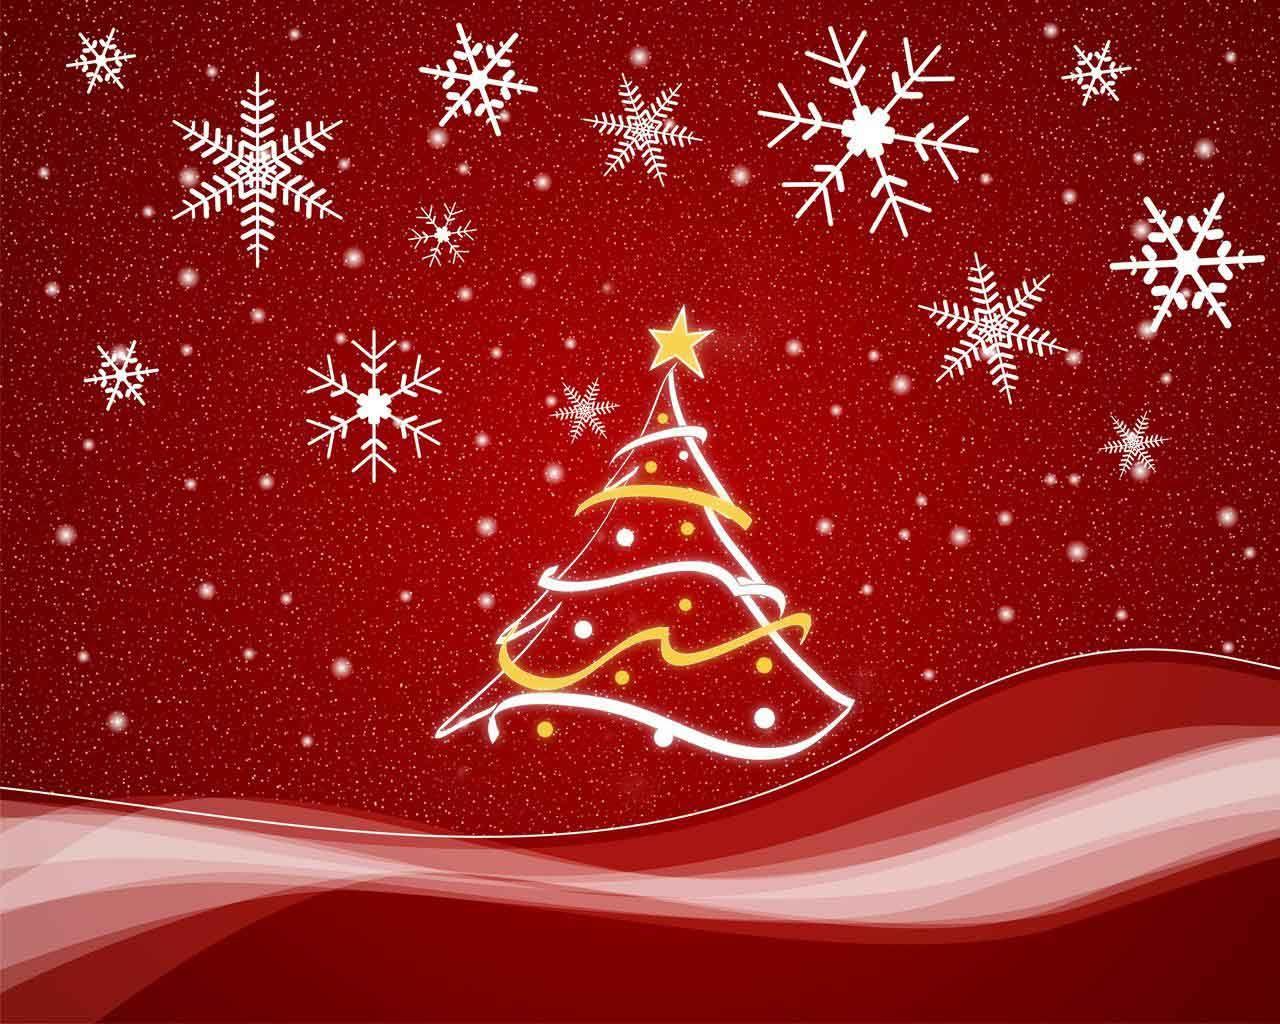 Holiday Backgrounds Ppt Slideshowcomblogfree